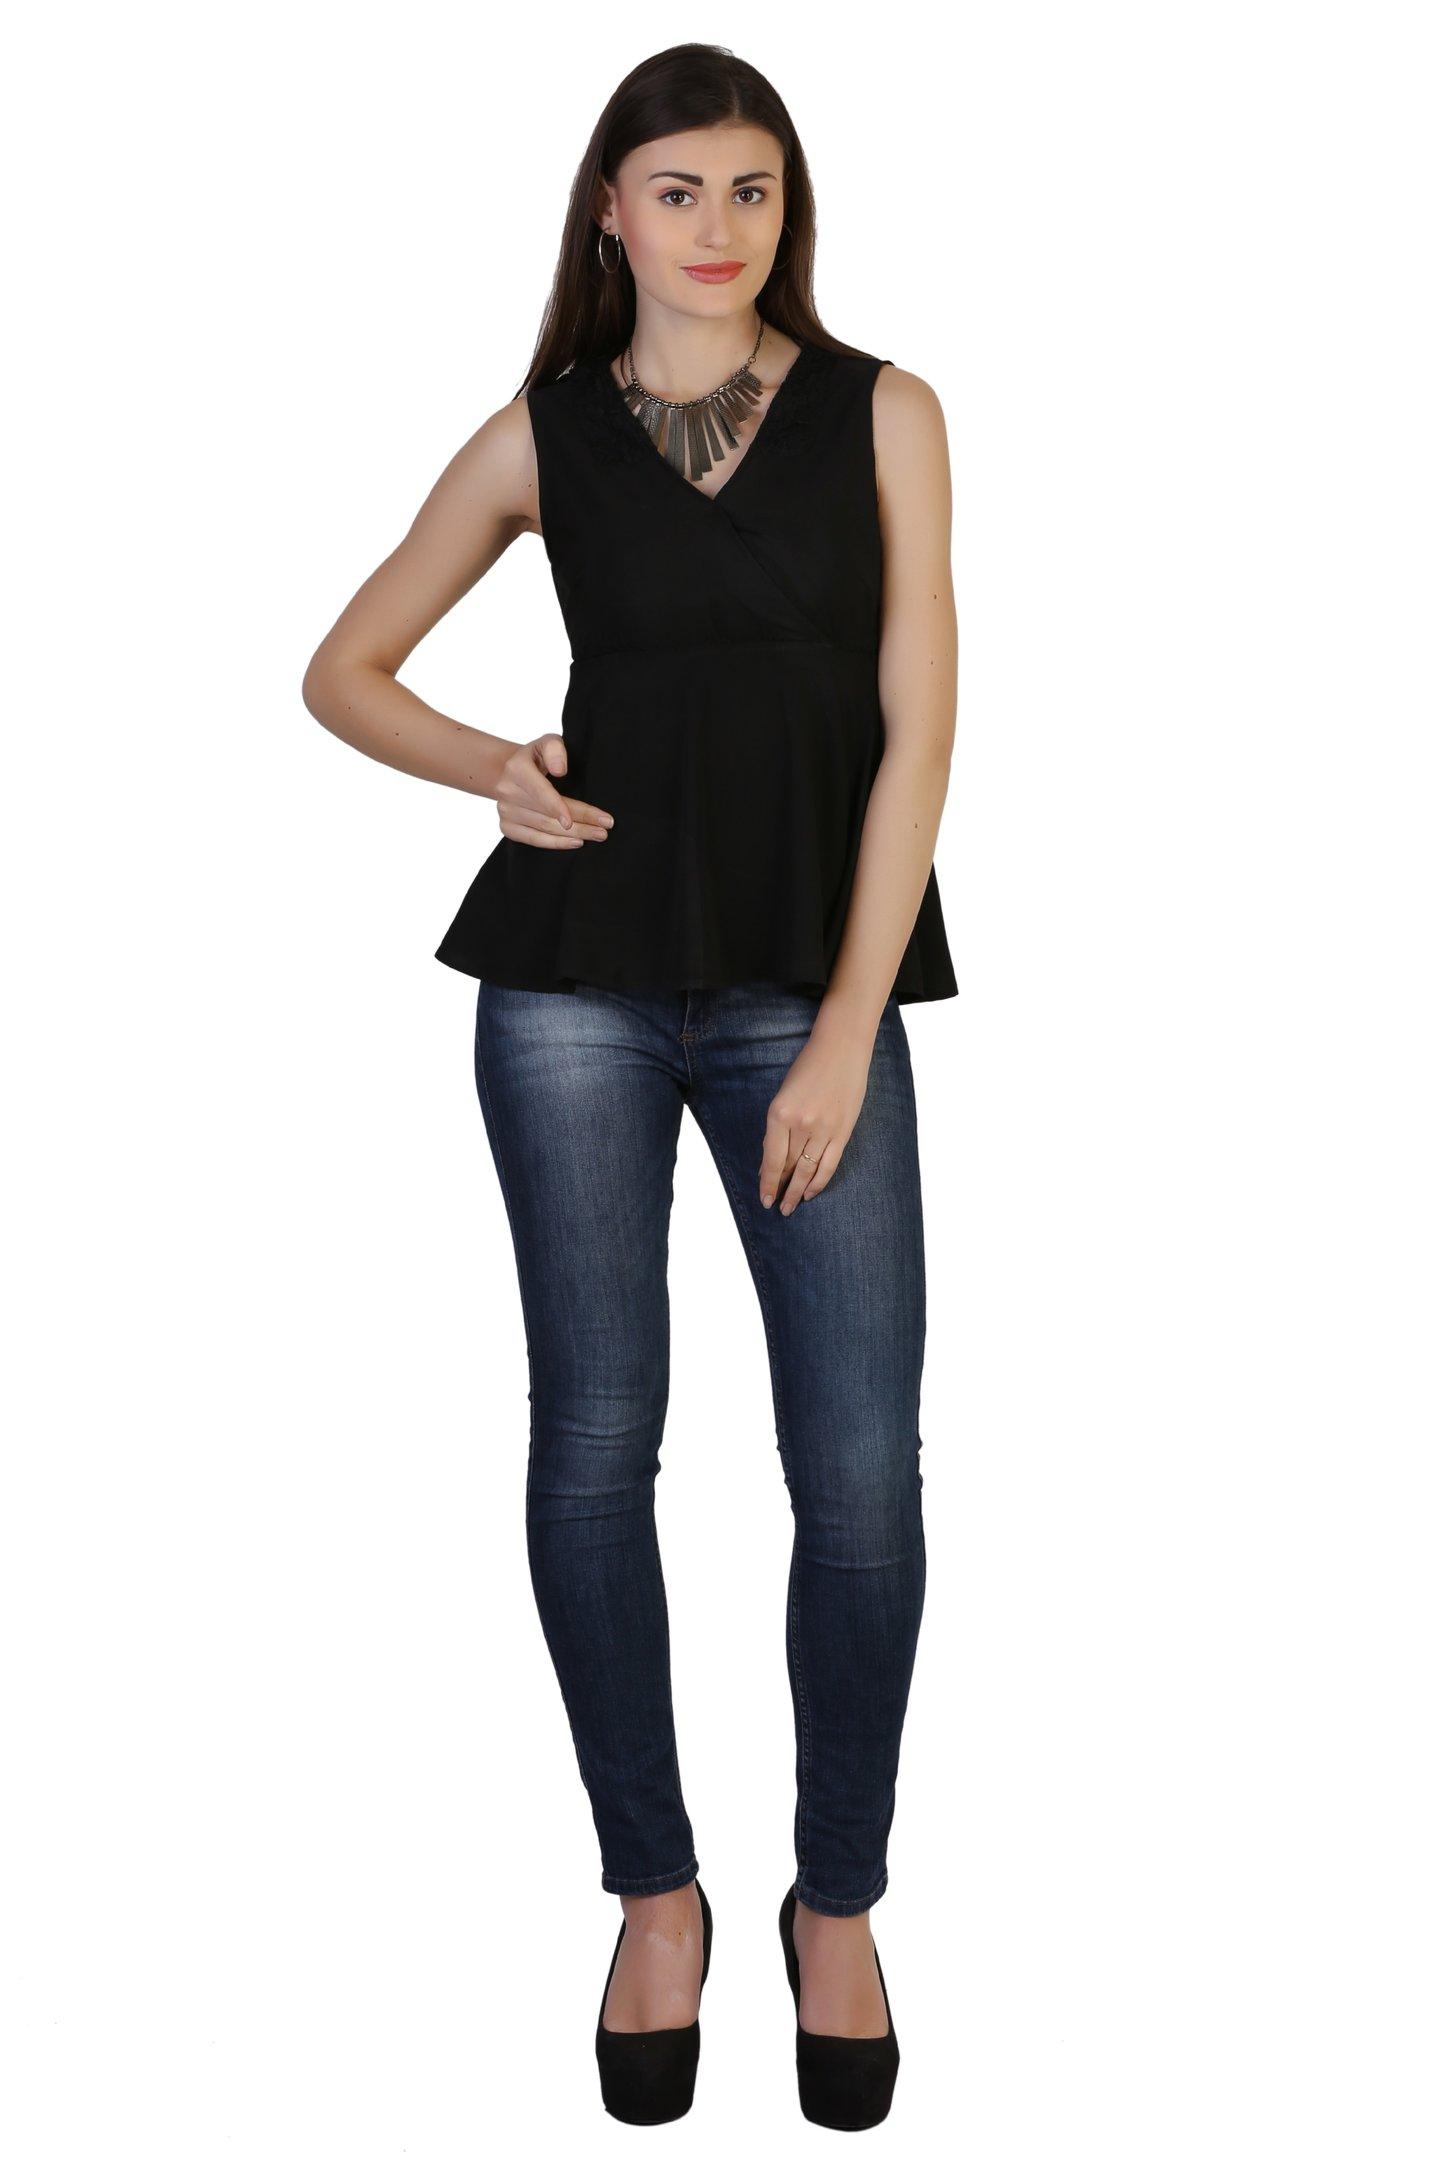 belle-fille-2431-black-top-original